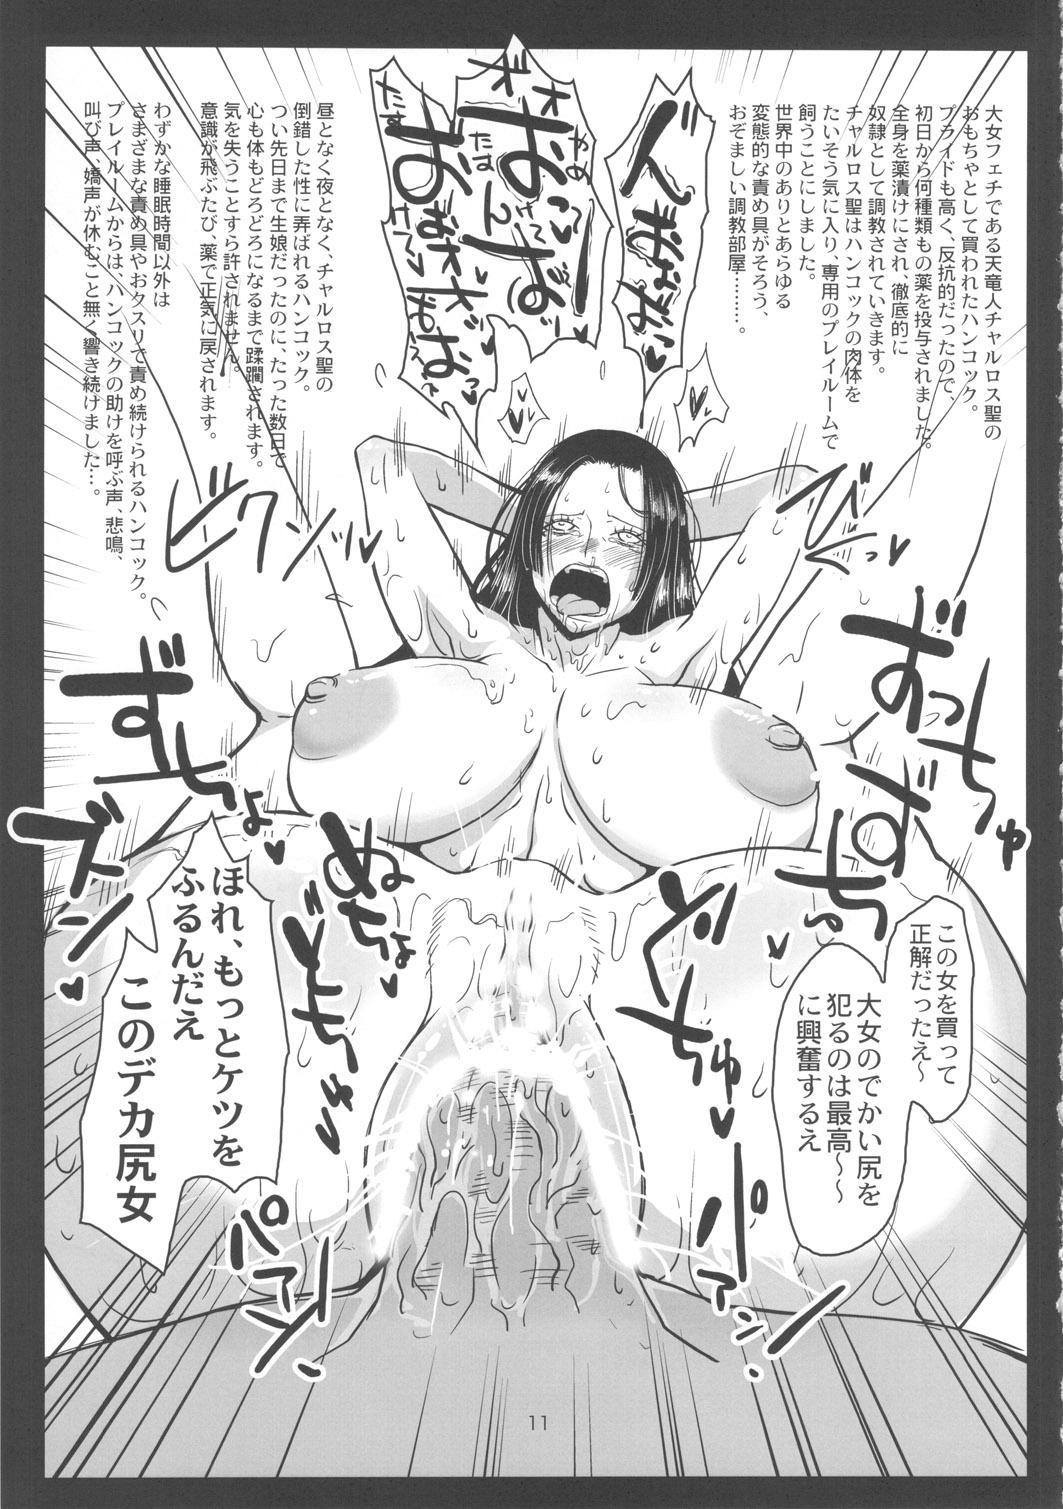 Metabolism-H Moto Dorei Kaizoku Jotei Hancock no Hanayome Shiyugyou 9